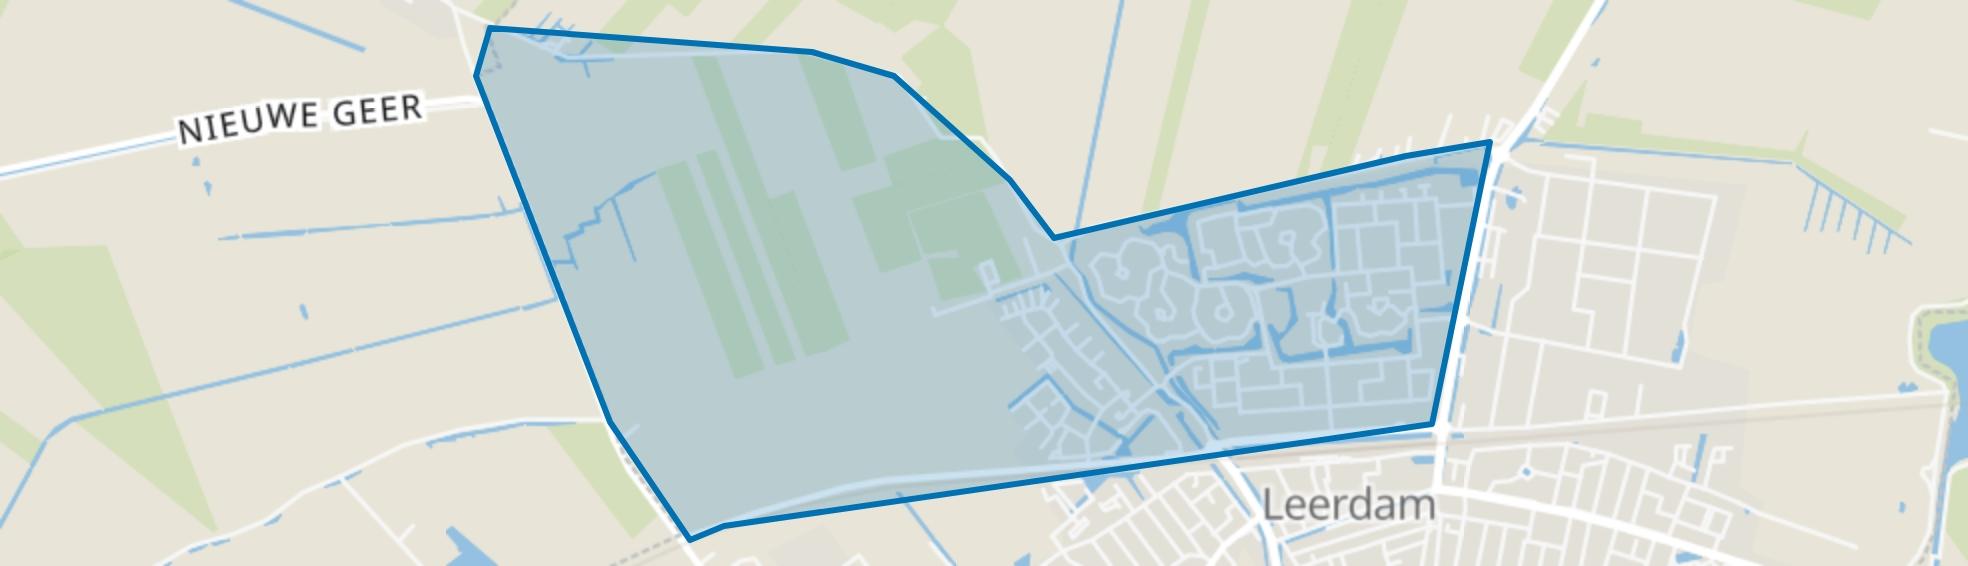 Leerdam-Noord, Leerdam map